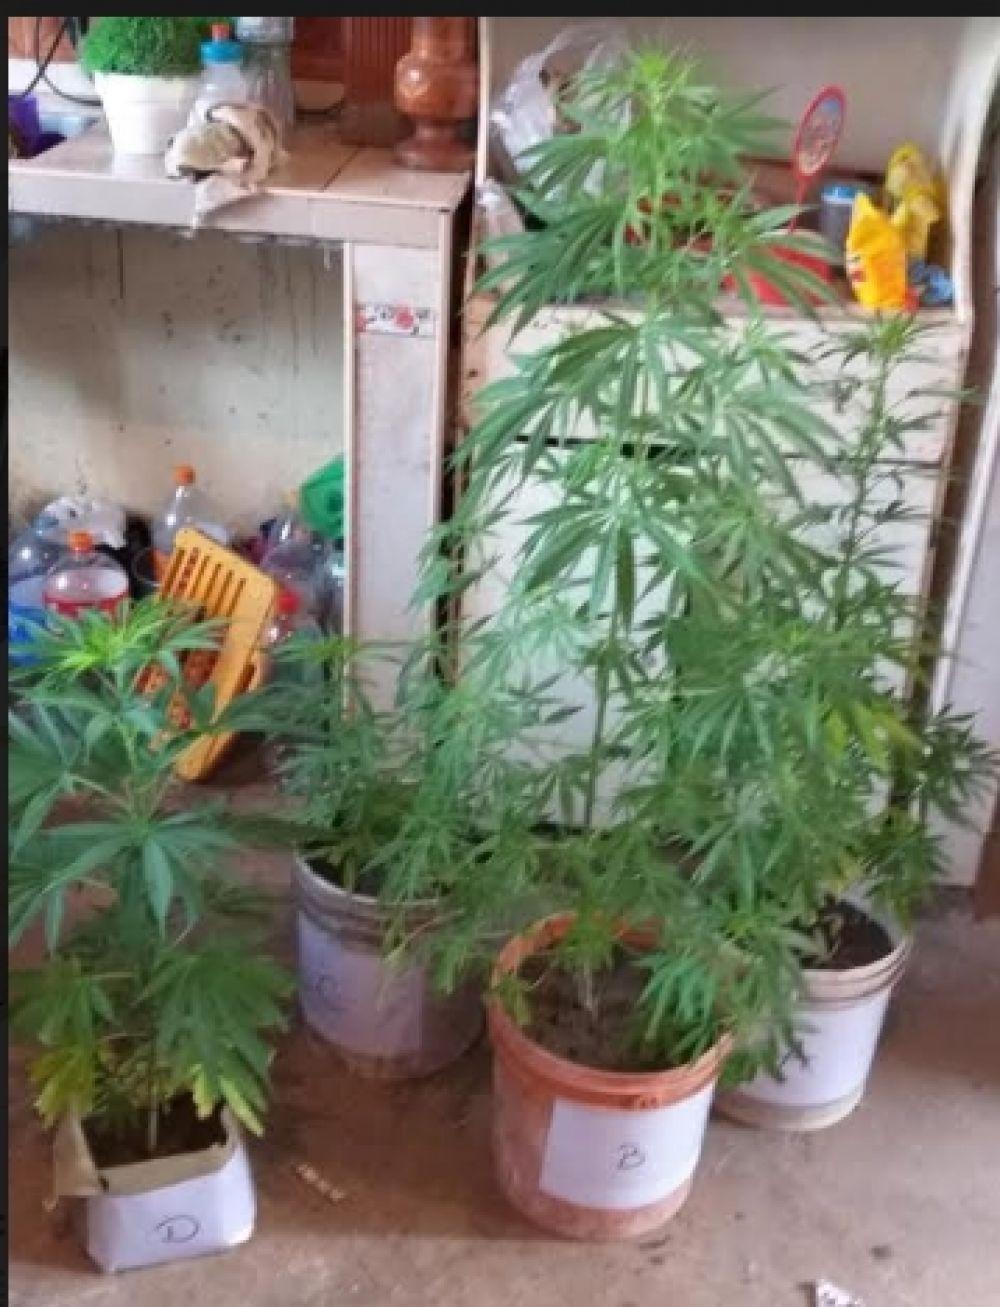 foto: Tras diversos allanamientos secuestraron drogas y elementos robados